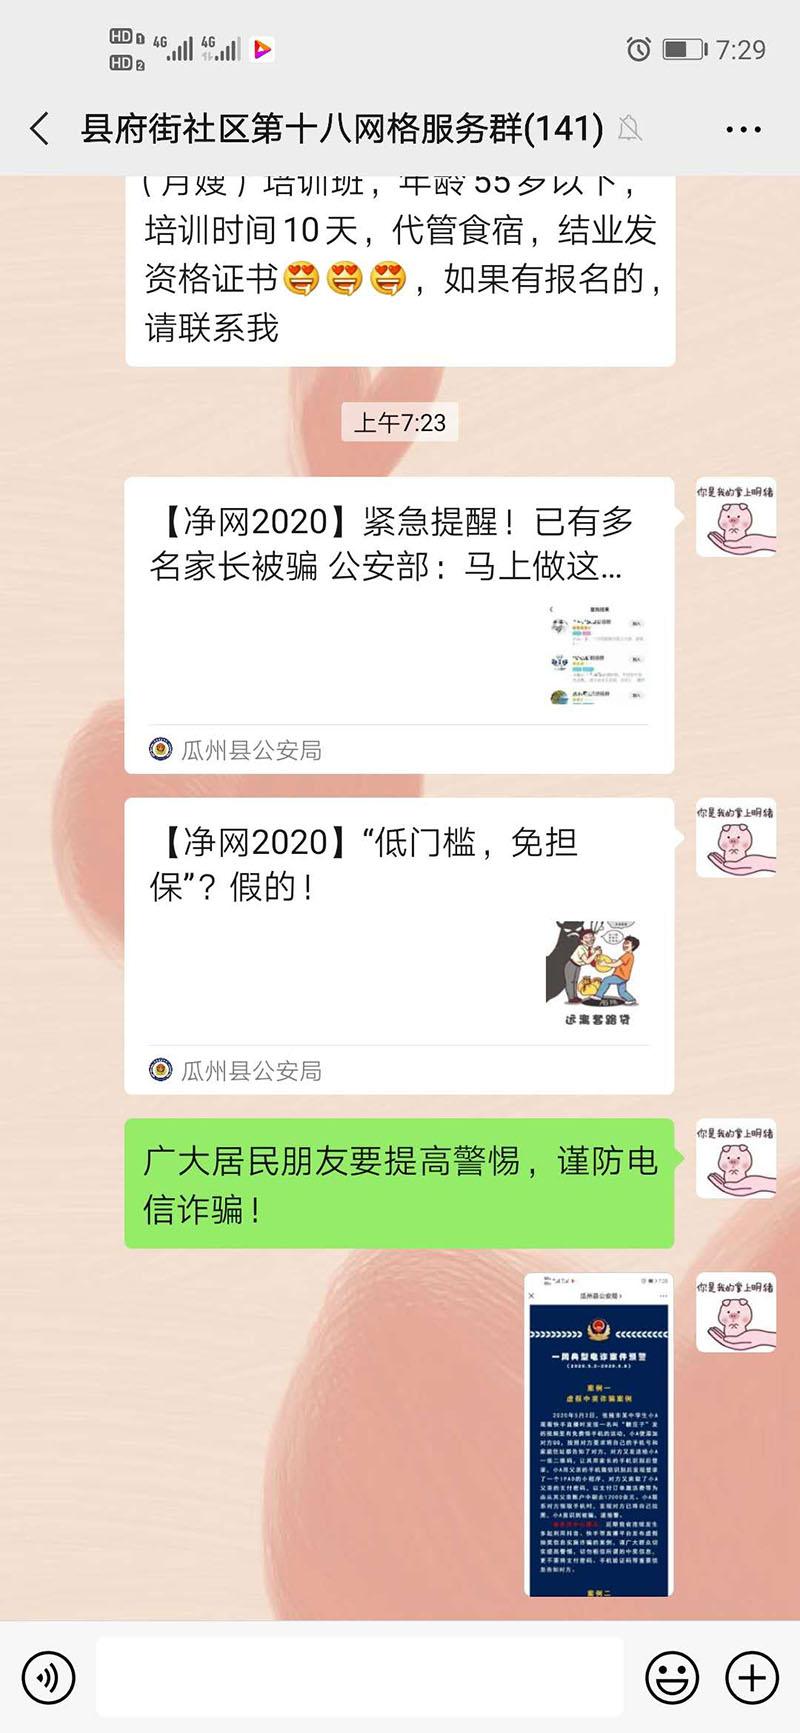 图为:微信群推送防范电信诈骗相关知识.jpg